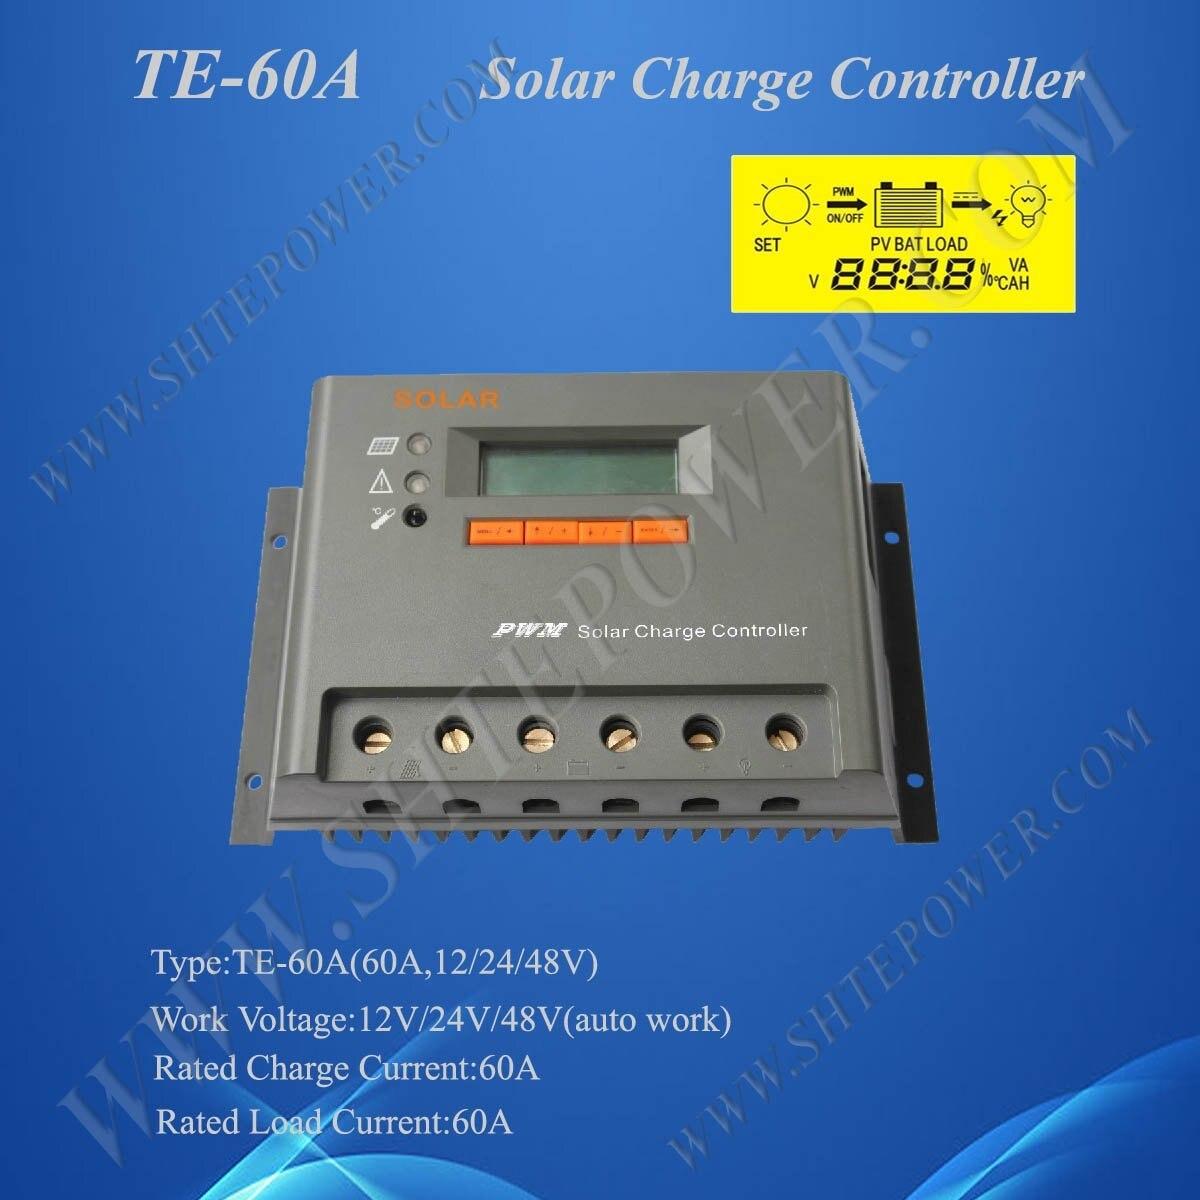 60A Солнечный Контроллер заряда 12 в 24 в 48 в авто работа, CE& ROHS, 2 года гарантии